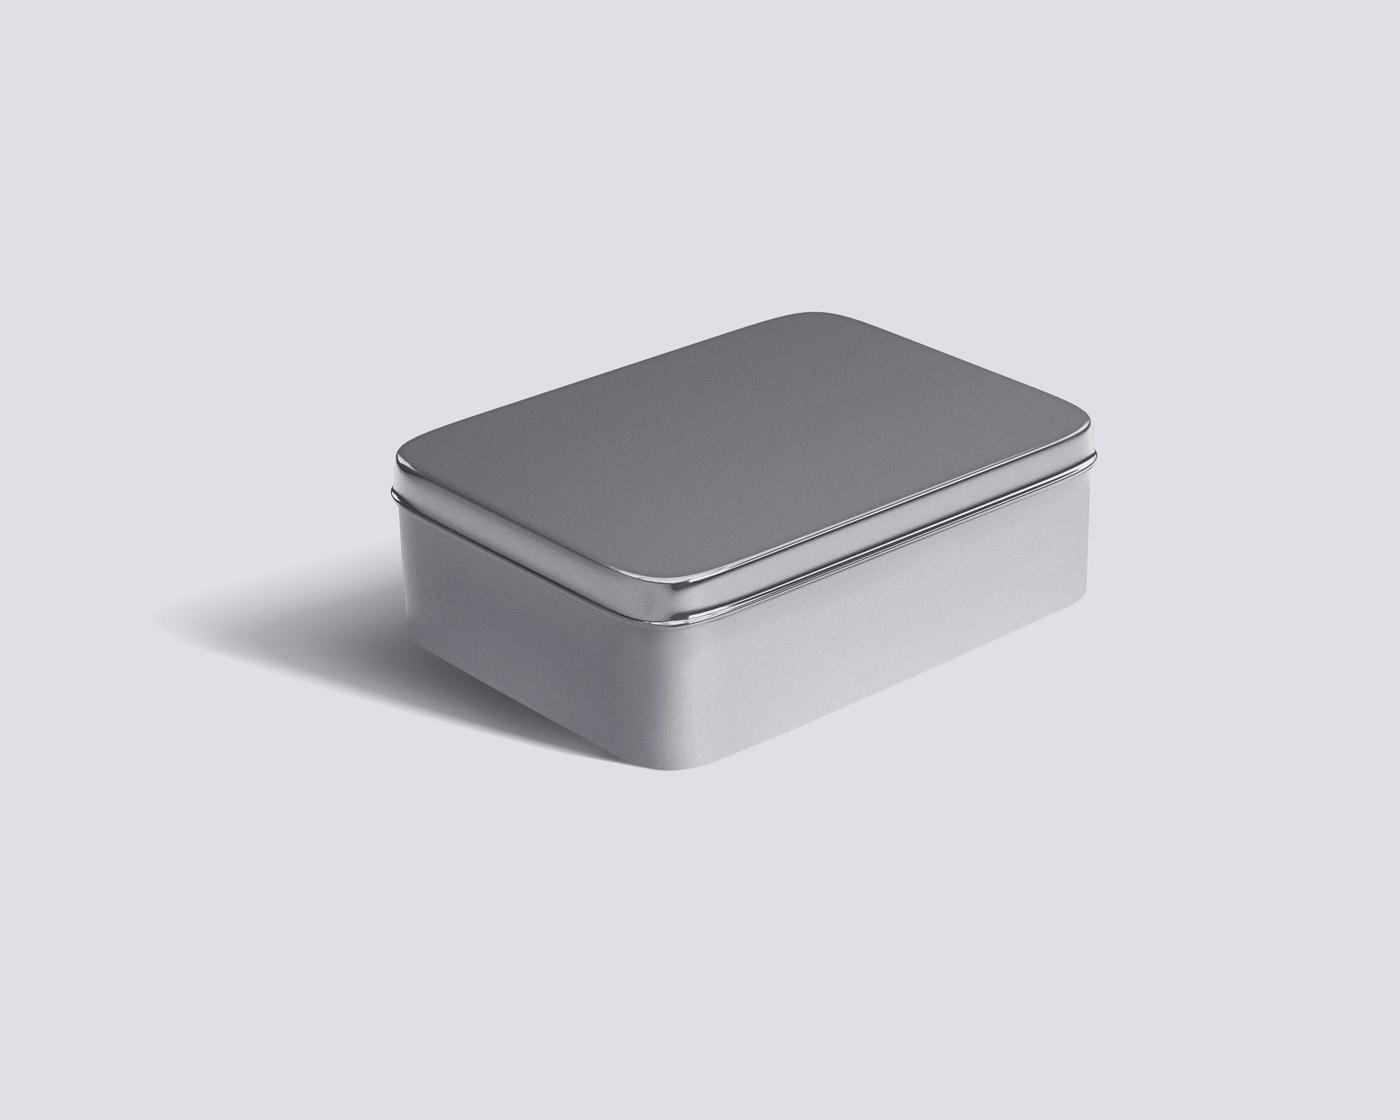 Metal Box Mockup Tempate